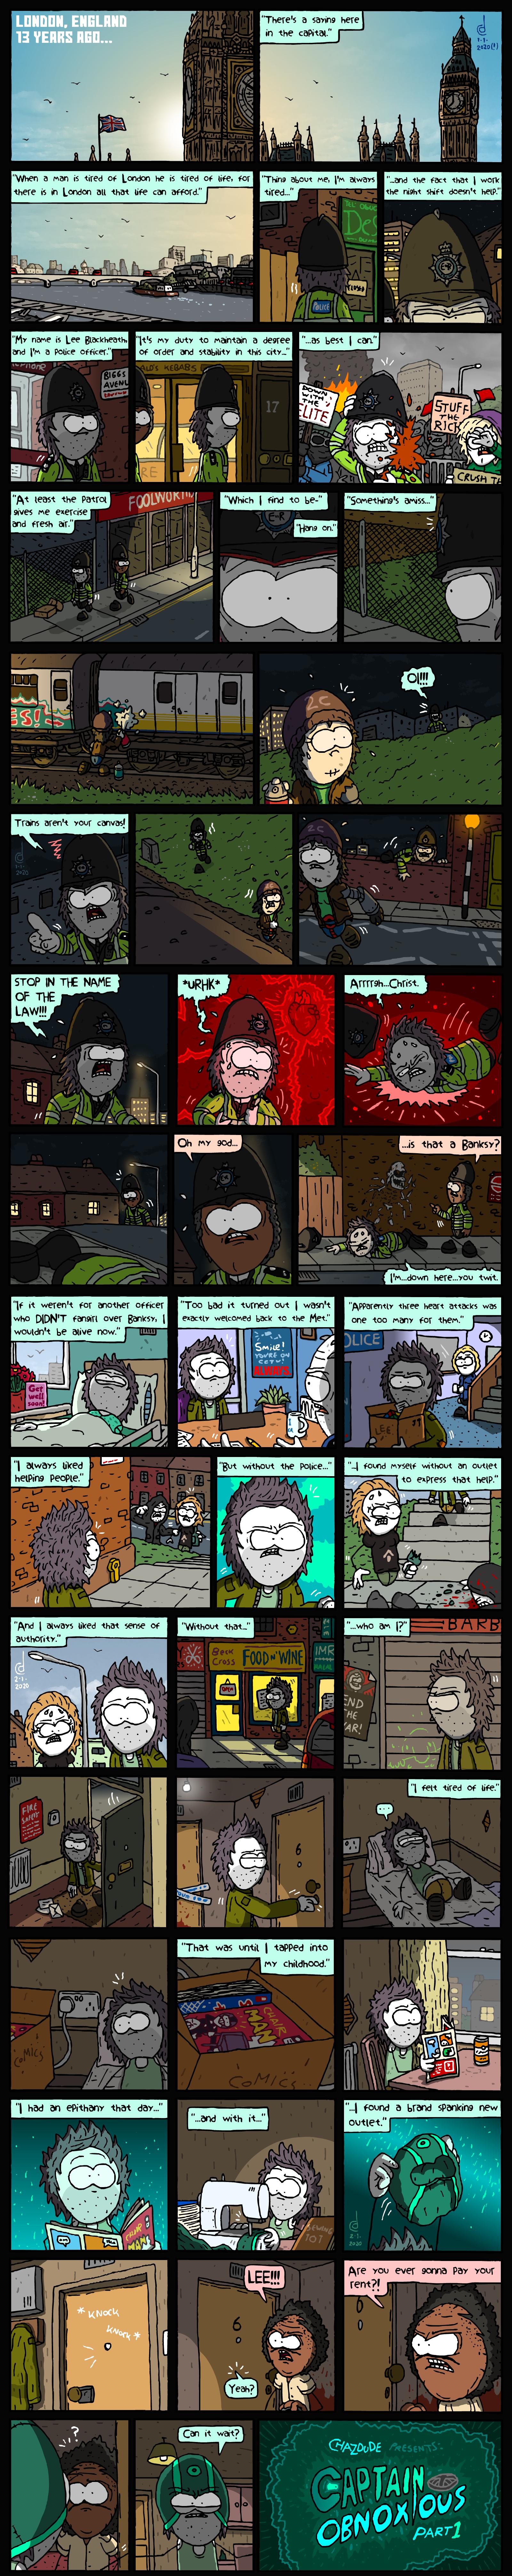 Captain Obnoxious, Part 1